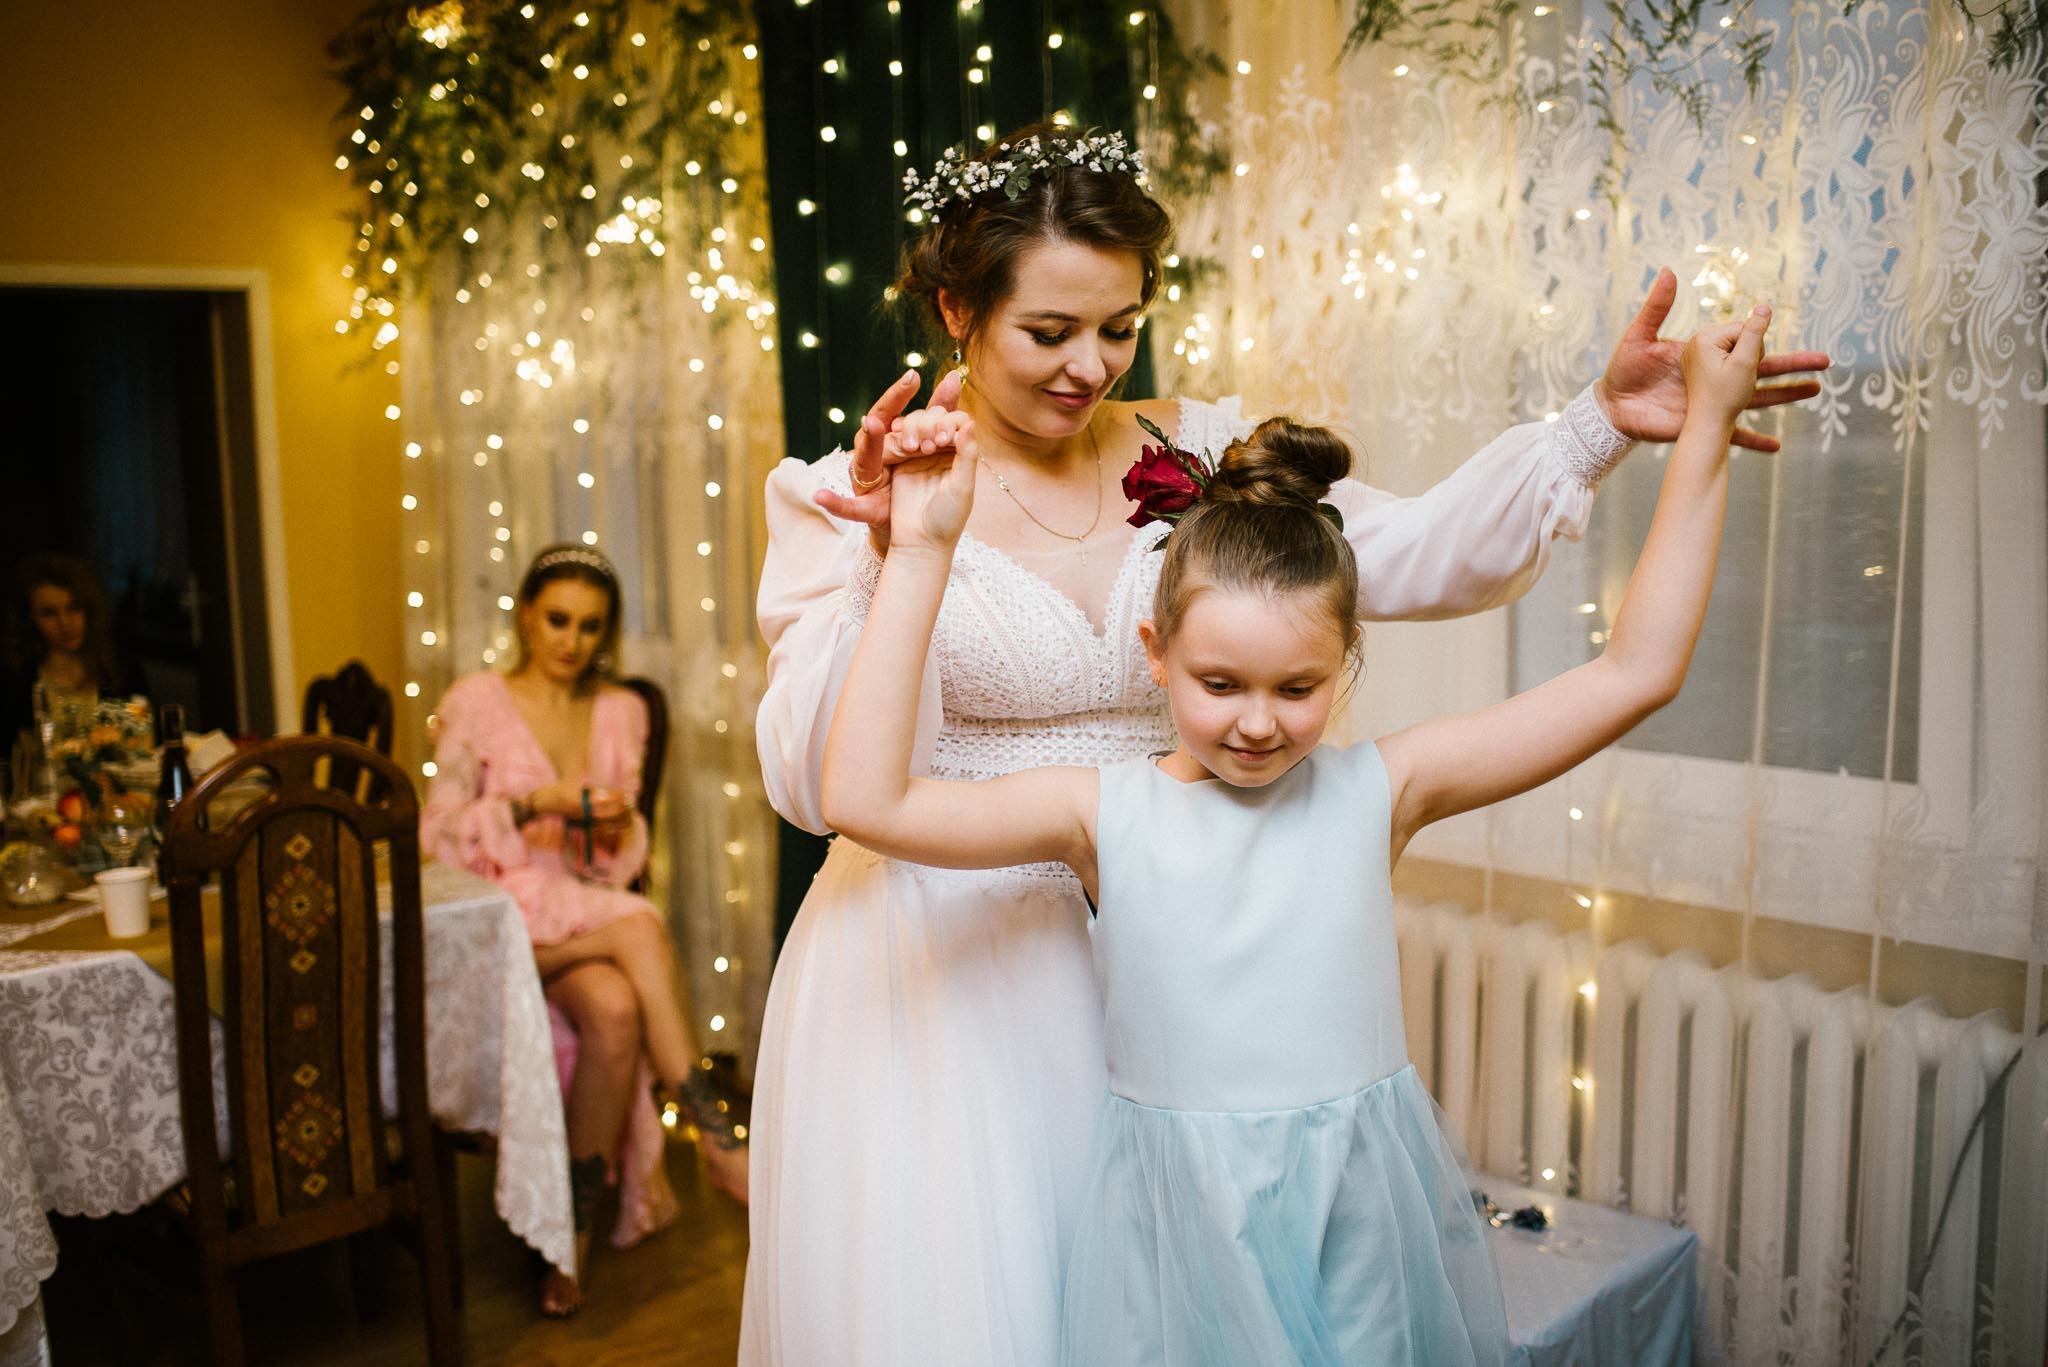 Panna młoda tańczy z dziewczynką - sesja ślubna reportaż Żuczki Inowrocław